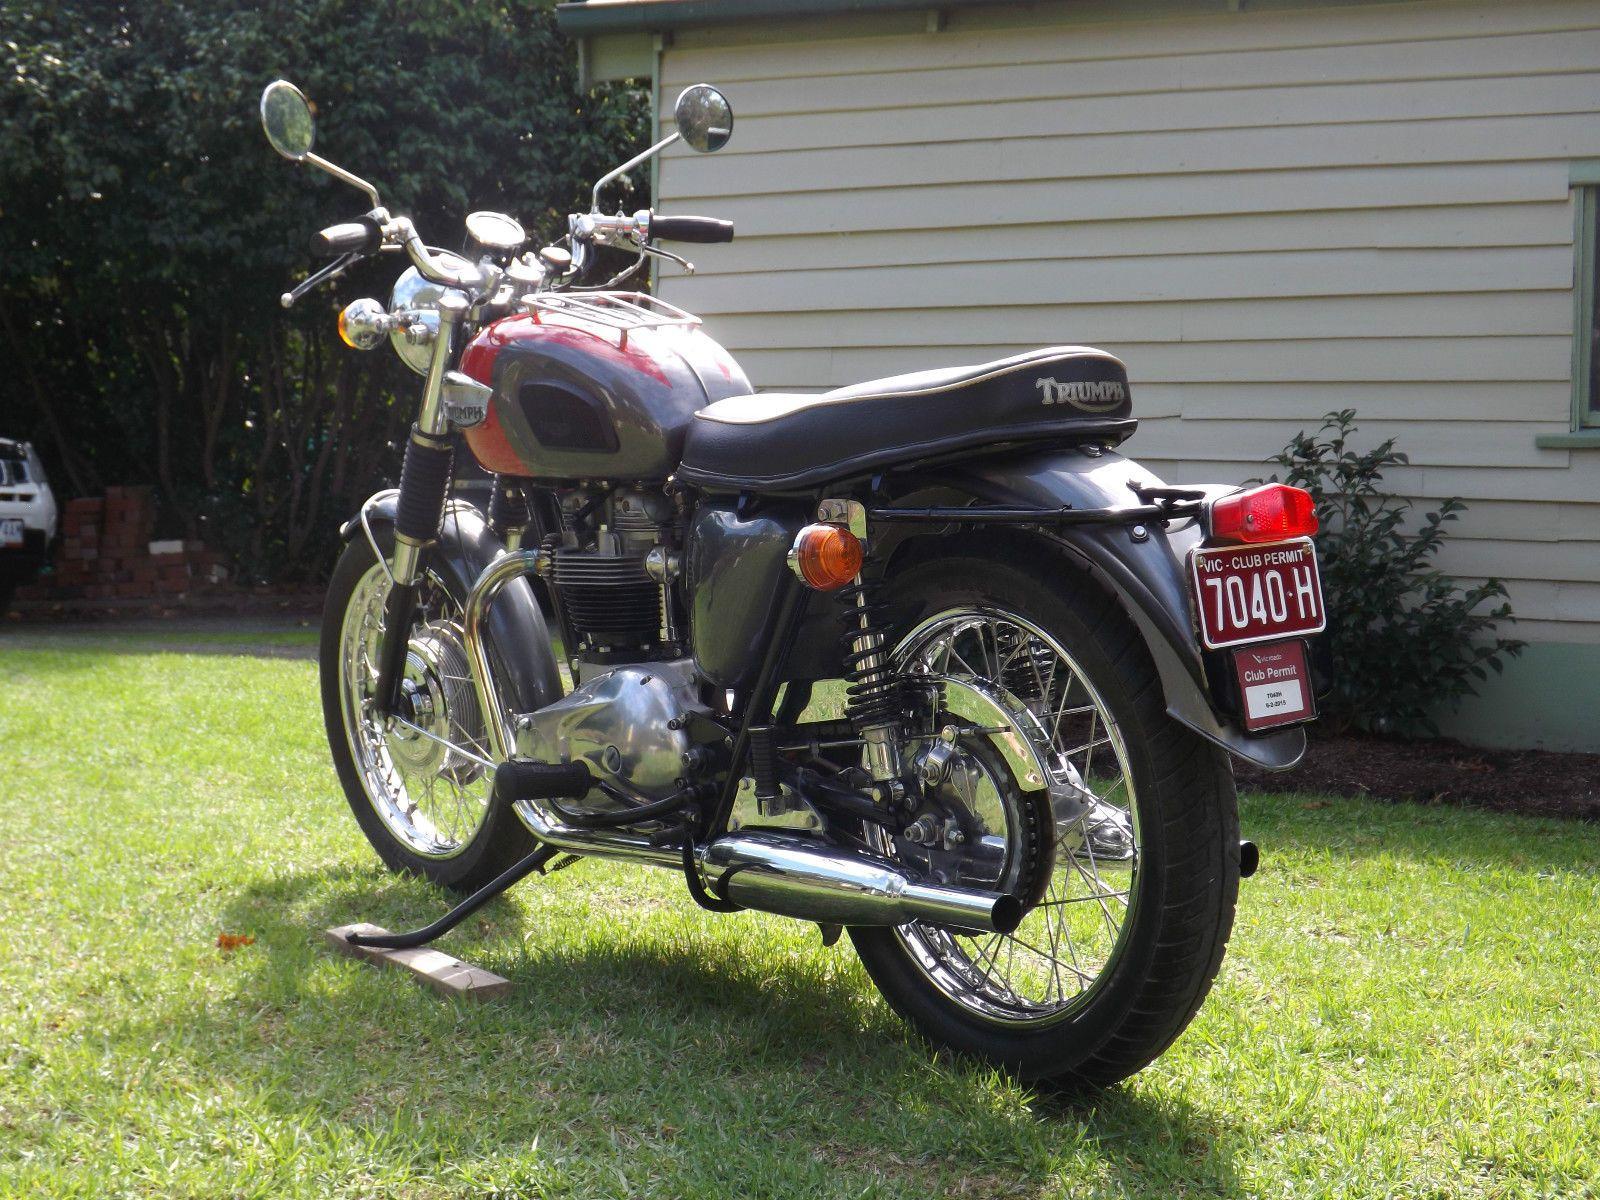 Triumph Bonneville T120 650cc Clic British Motorcycle | eBay ...